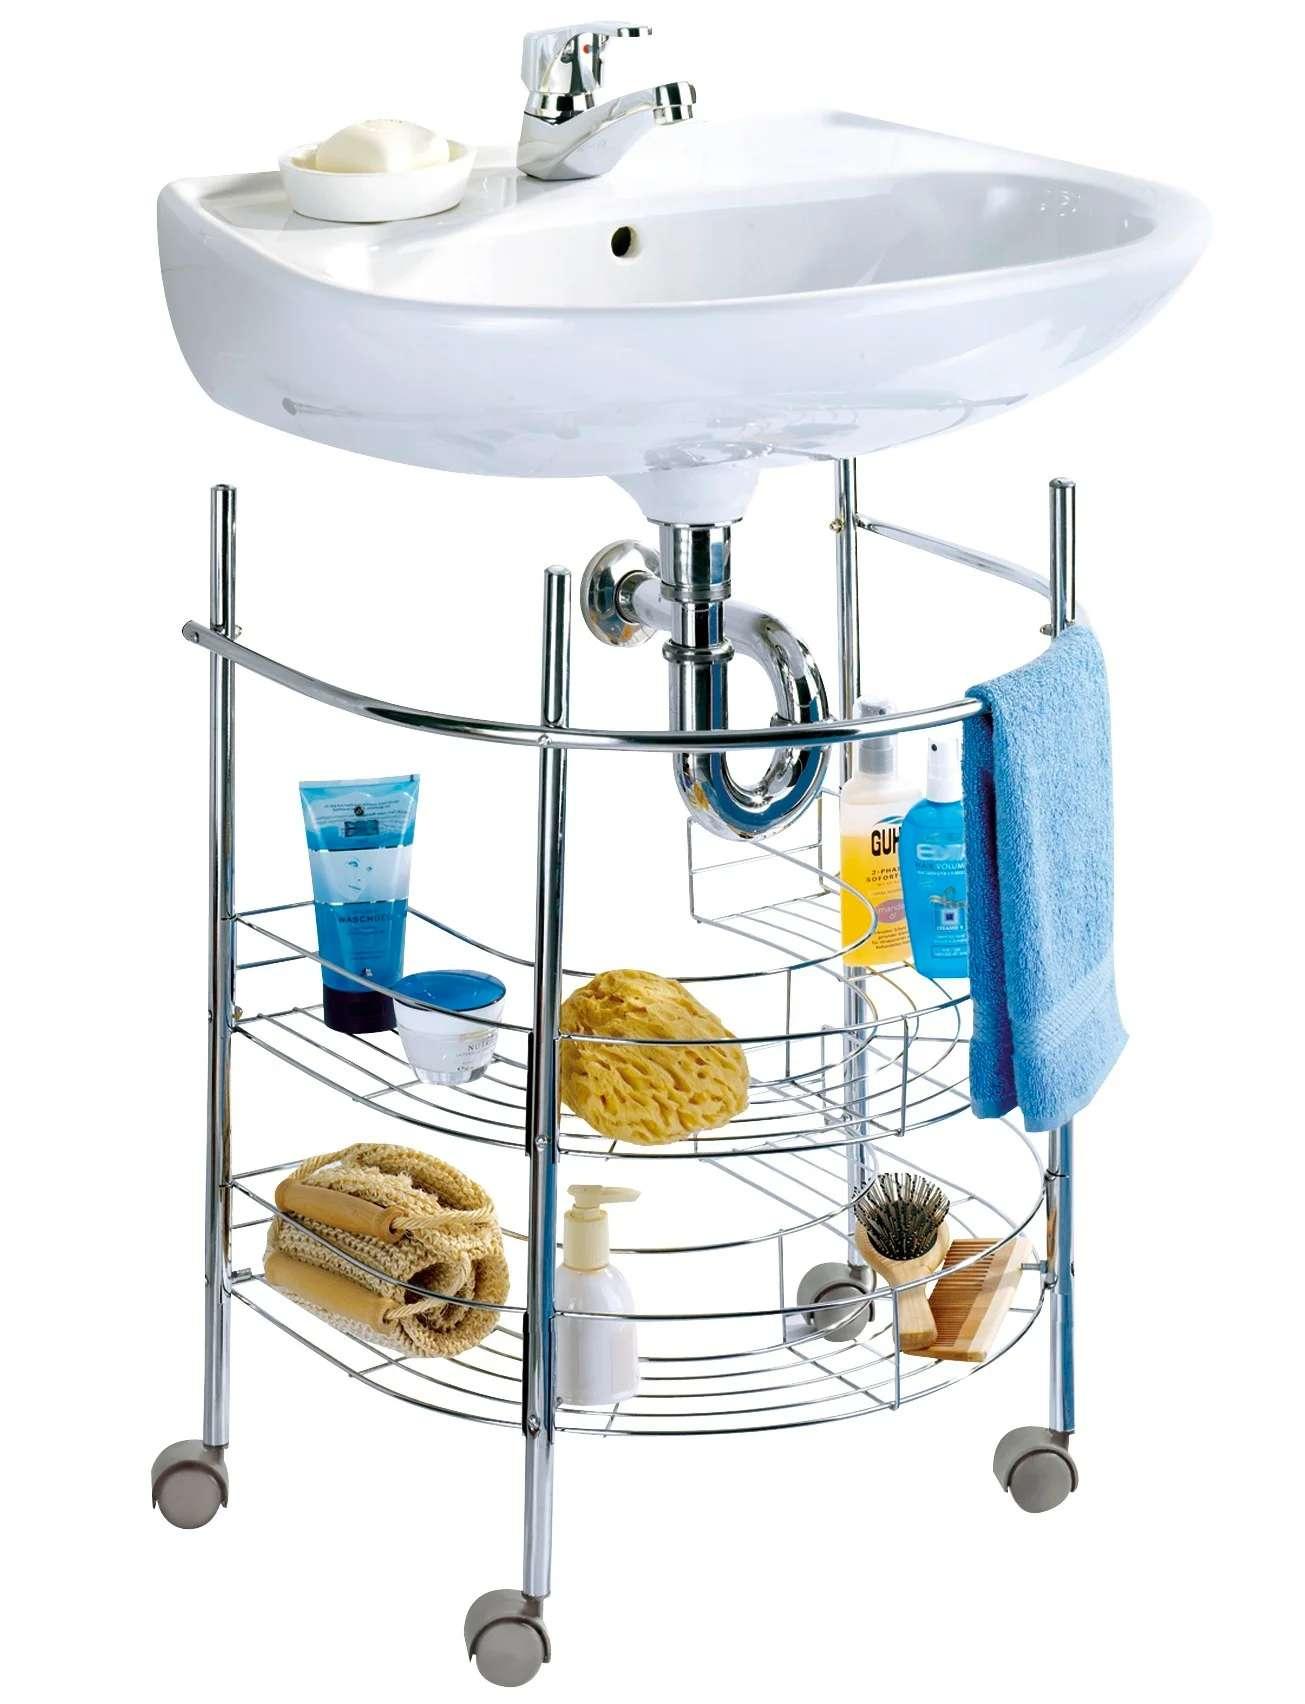 Meuble De Salle De Bains Simple Vasque L 53 X H 63 5 X P 41 Cm Chrome A Roulet Leroy Merlin